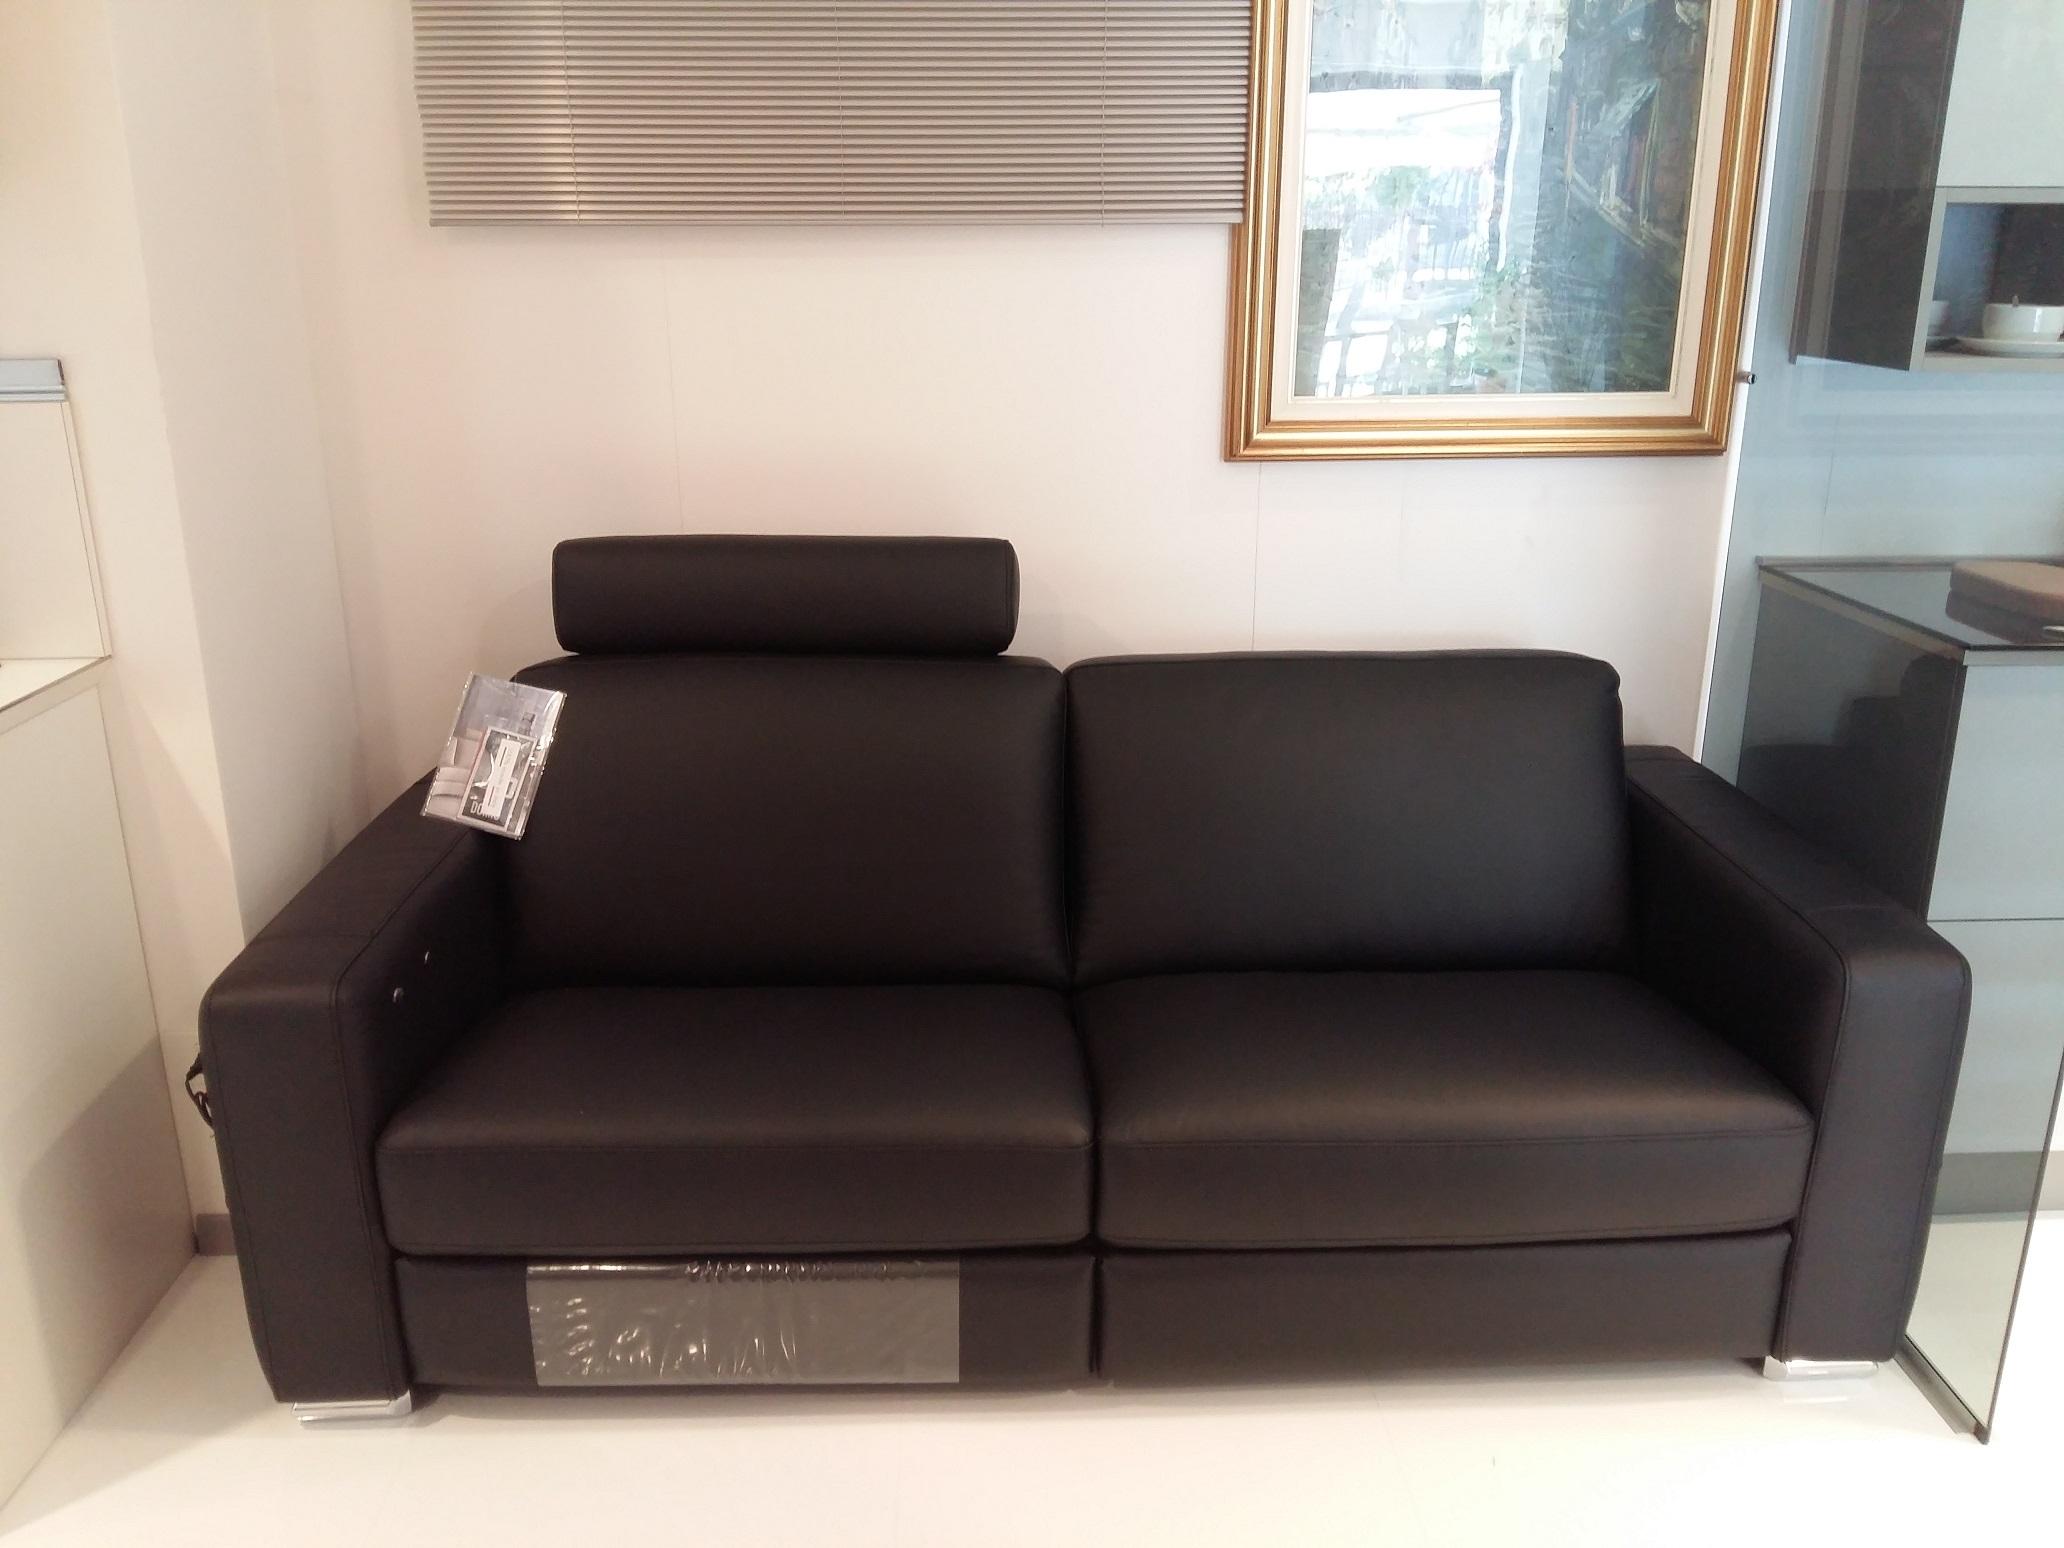 Divano doimo in pelle scontato del 50 divani a prezzi - Divano divani prezzi ...